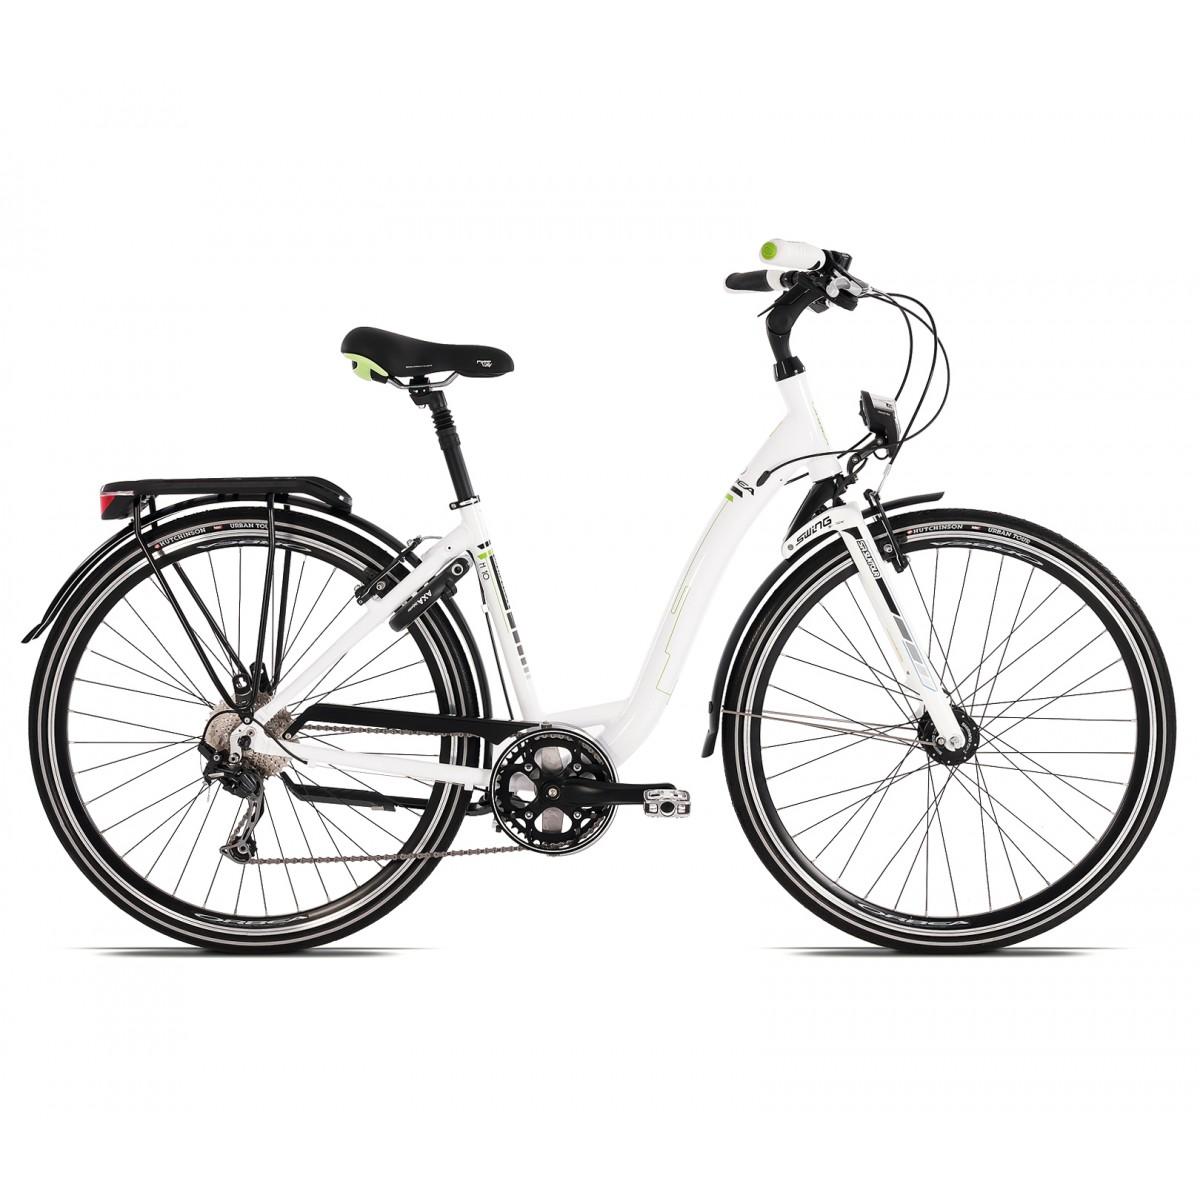 Bicicleta URBANA Orbea BOULEVARD H10 16 2013 tam.S cor ROJO